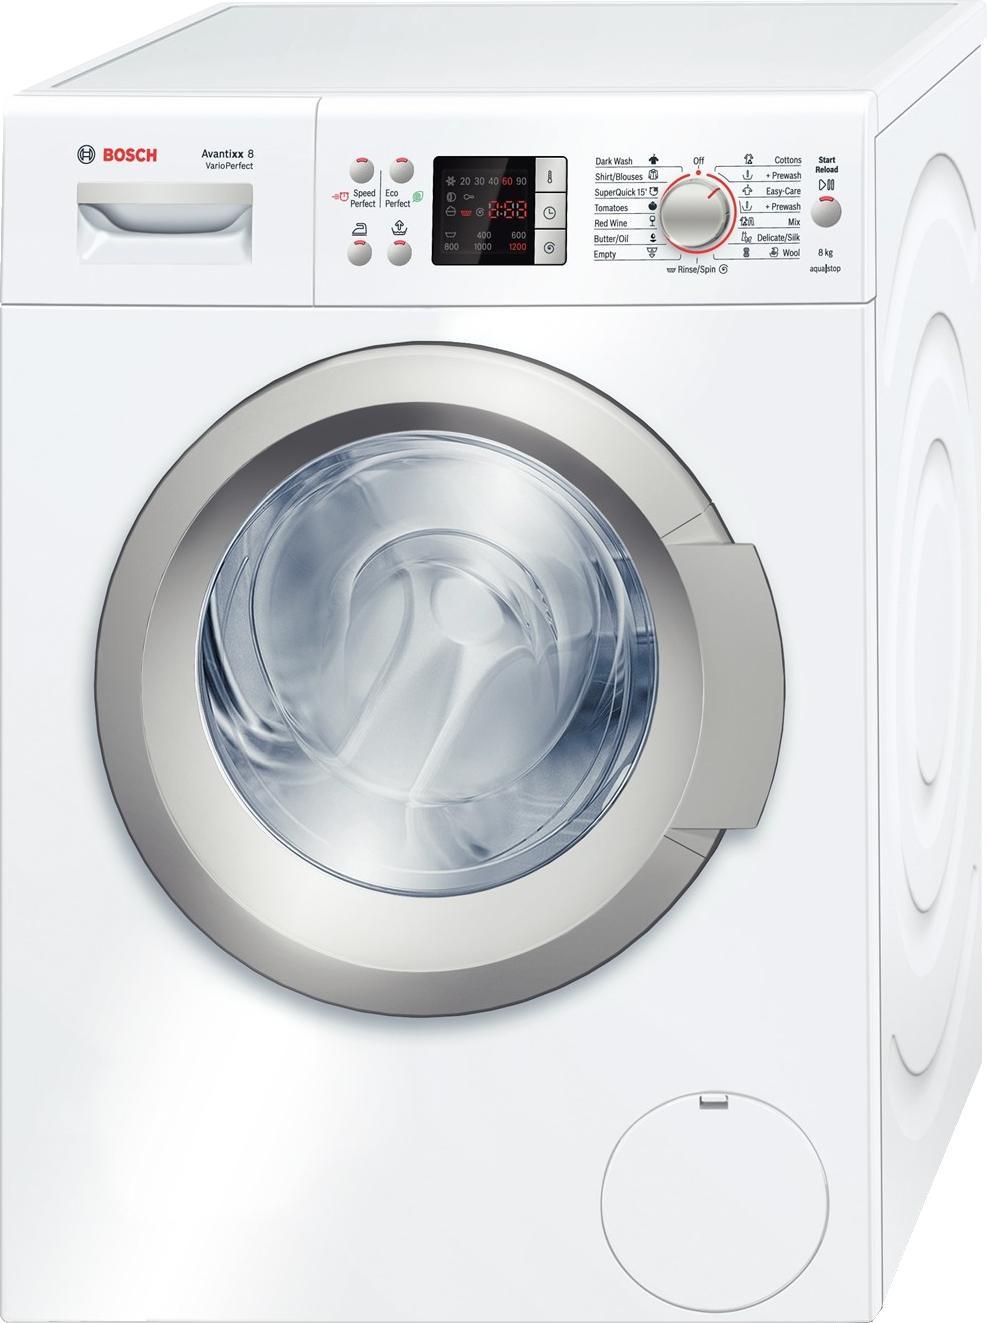 Сервисный центр стиральных машин bosch Стандартная улица отремонтировать стиральную машину 7-я Северная линия